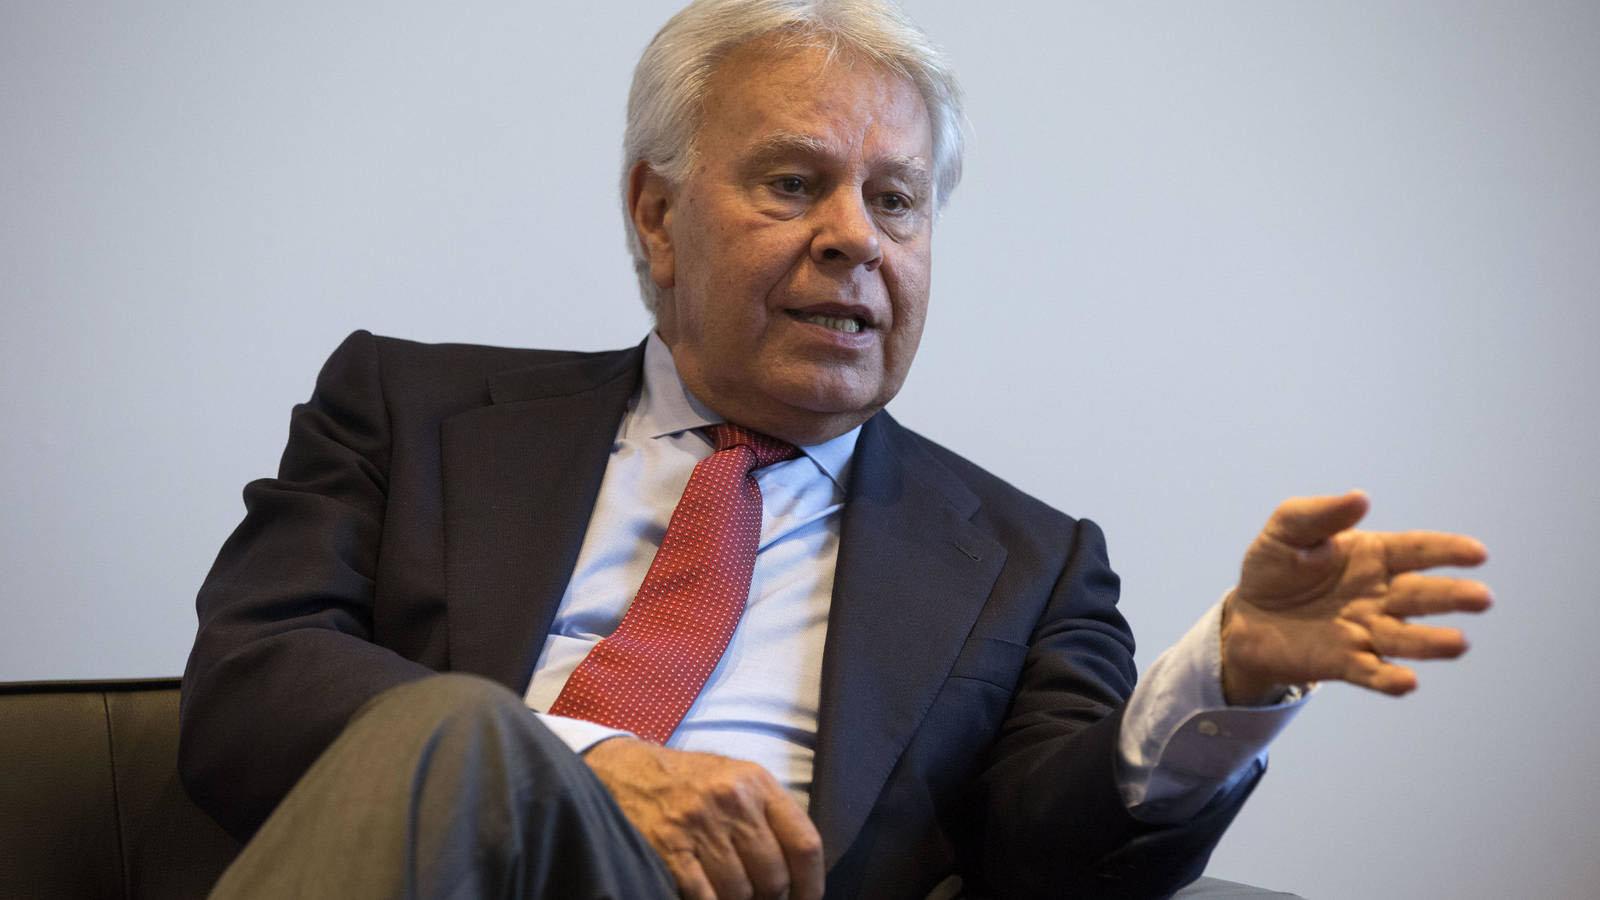 Felipe González, expresidente del Ejecutivo español, mostró solidaridad con el caso deYon Goicoechea quien el 28 de agosto cumplió un año detenido